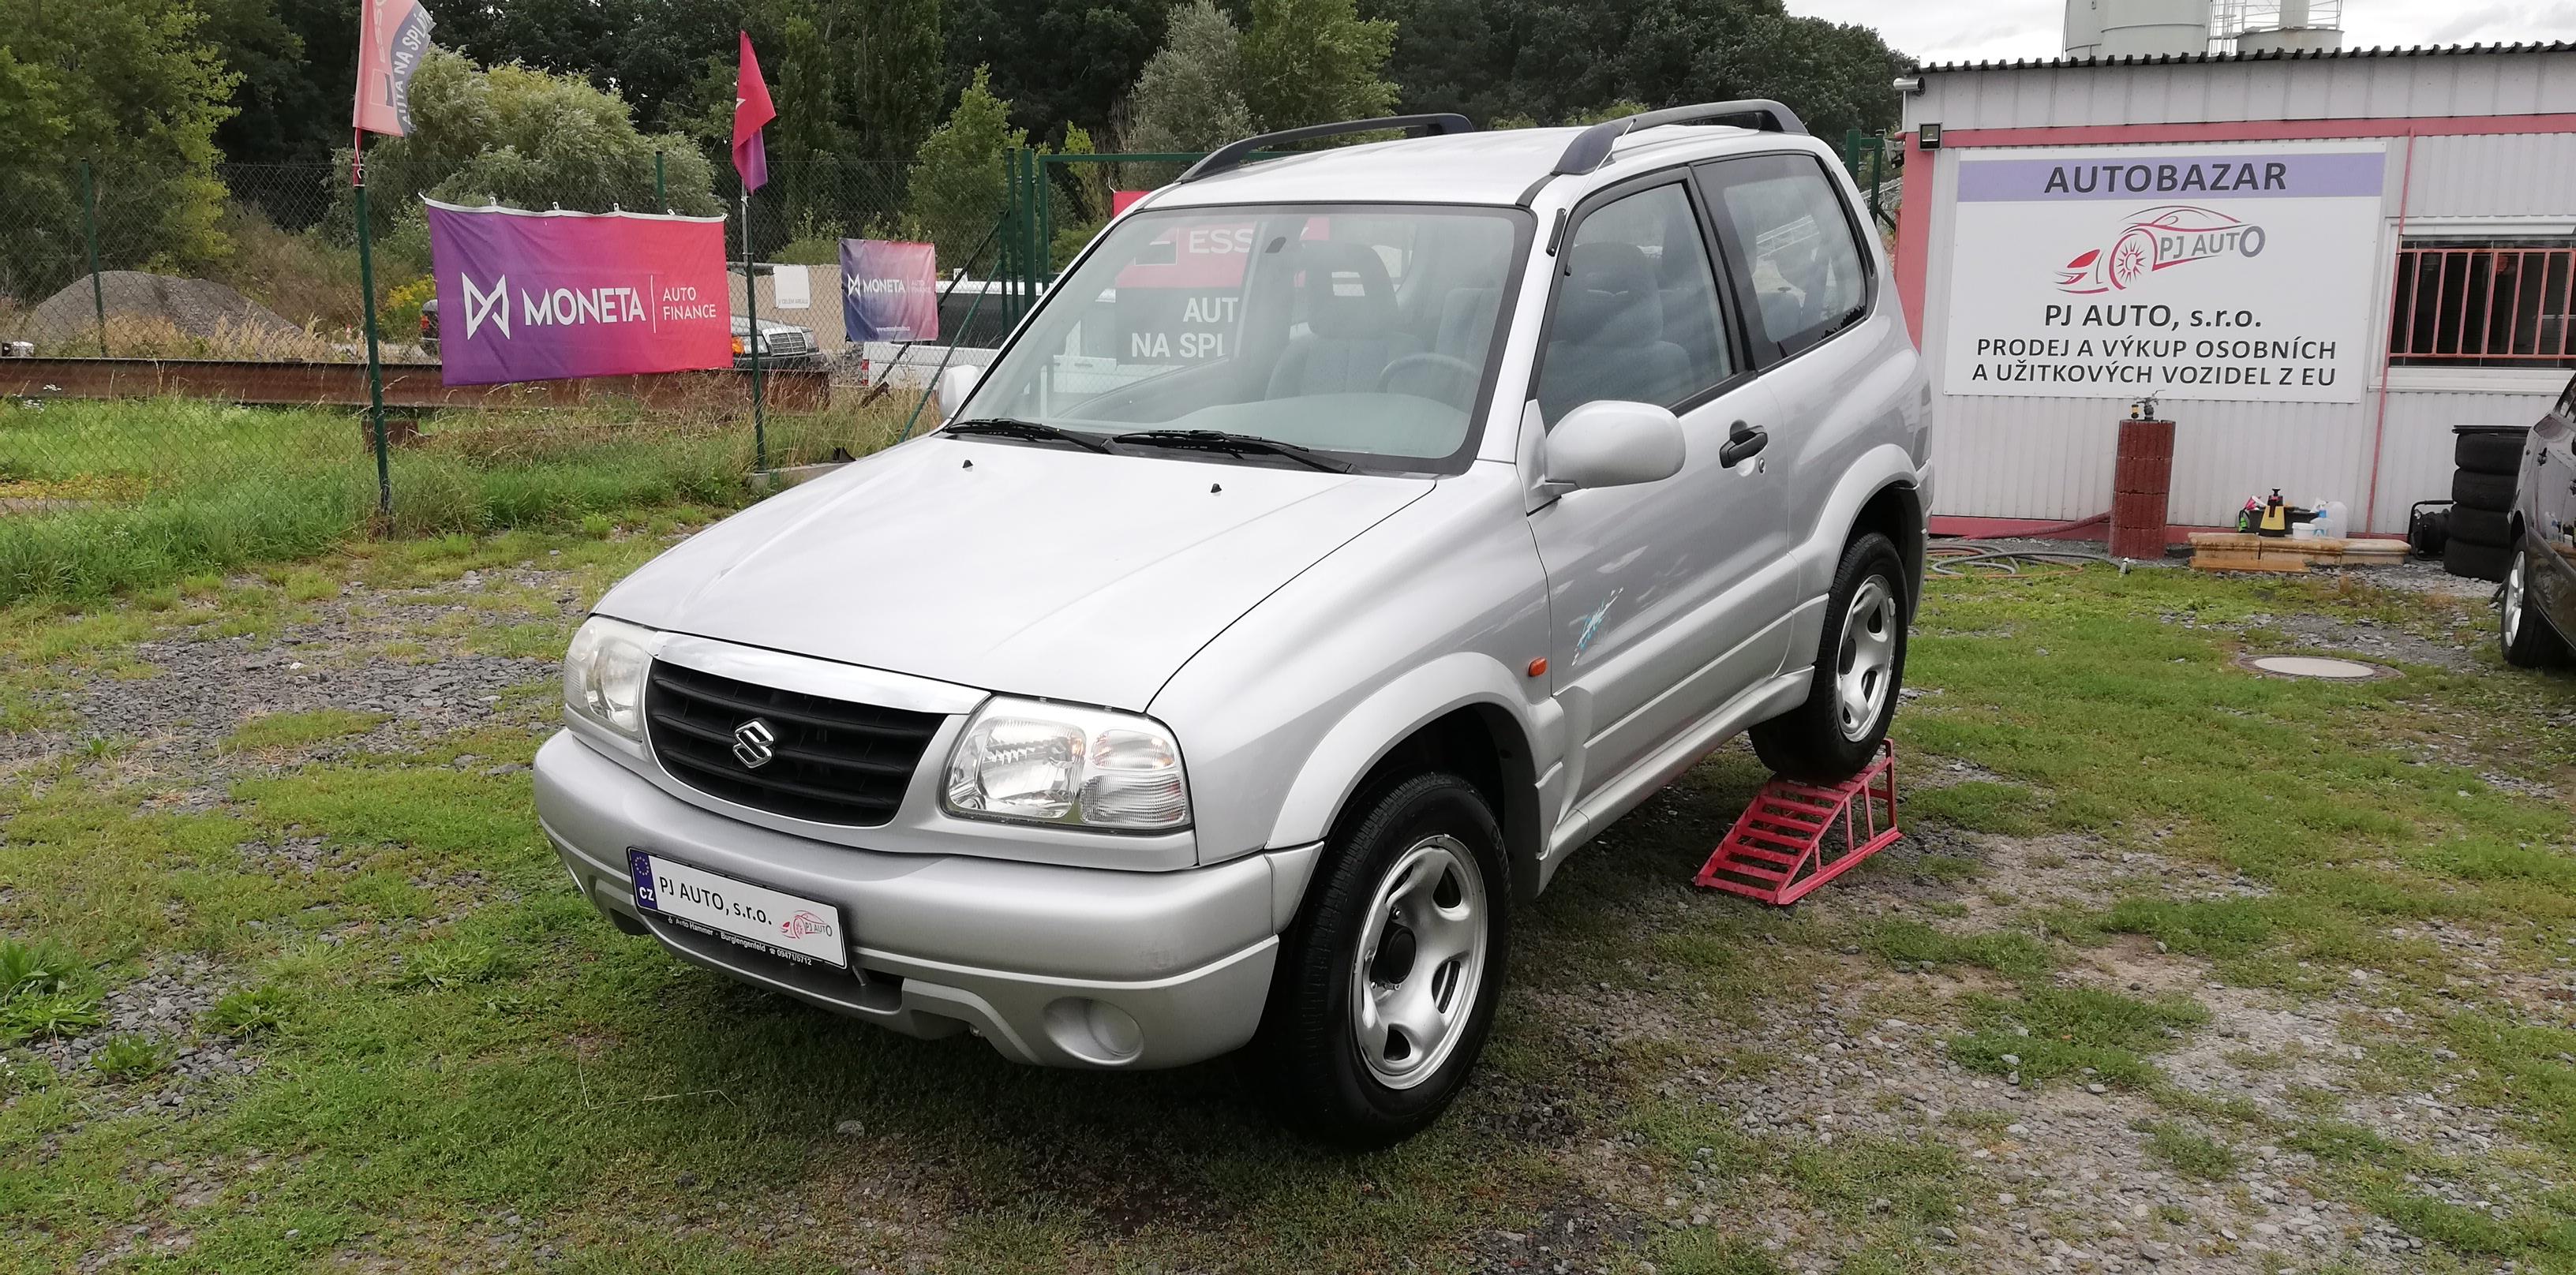 Suzuki Grand Vitara 1.6i 4x4,Klima,Redukce,Tažné,1maj, +pneu